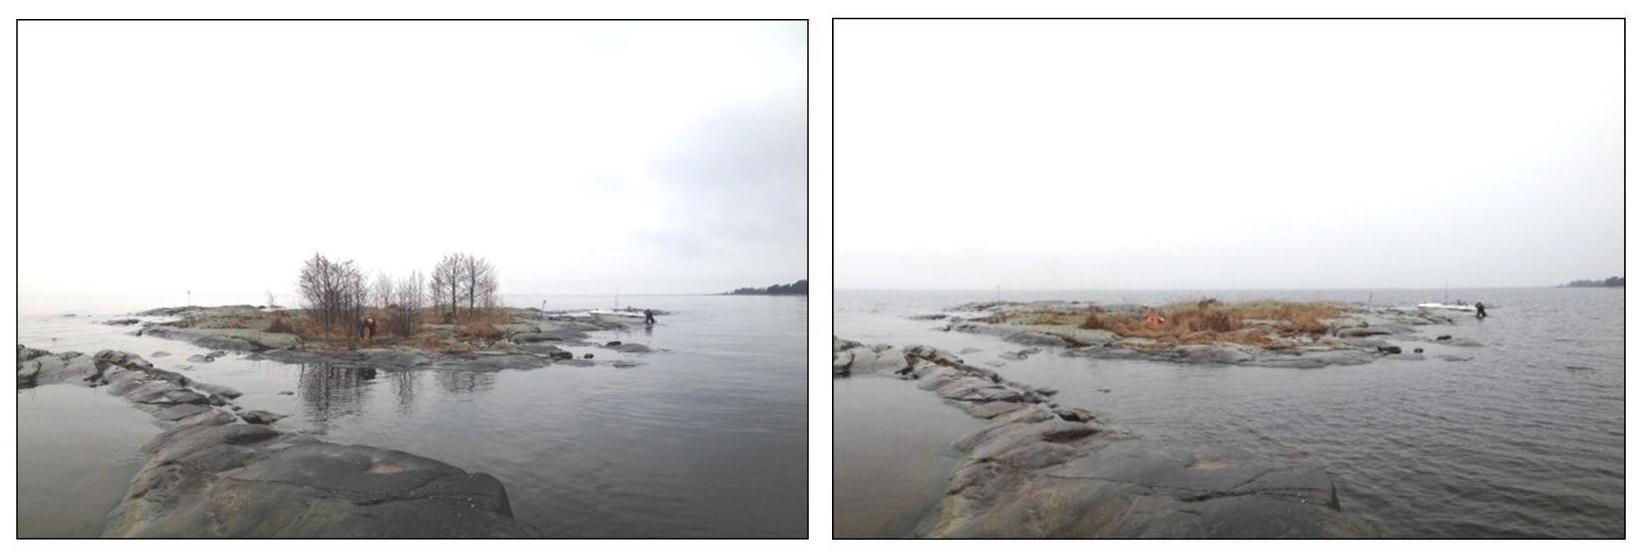 """Fågelskäret 50107 """"Mövikens västskär"""" utanför Hammarö före och efter röjning."""